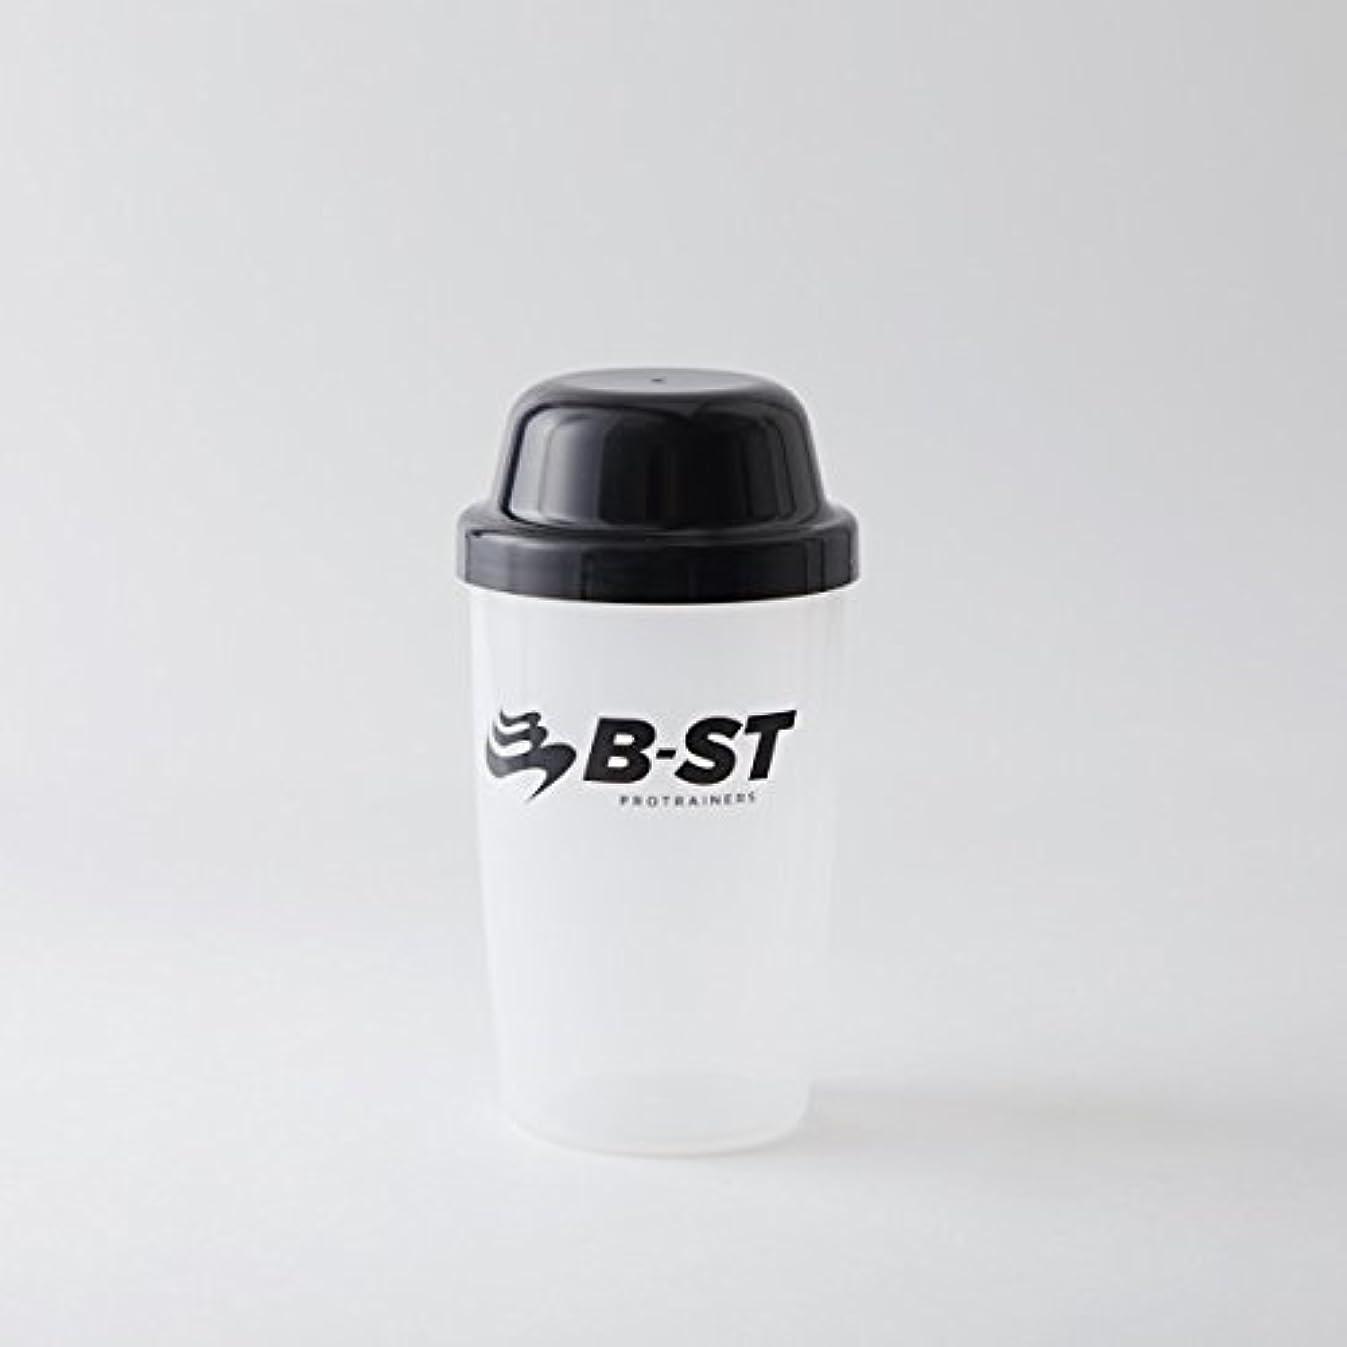 解凍する、雪解け、霜解け発生器有名B-STプロテインシェーカー